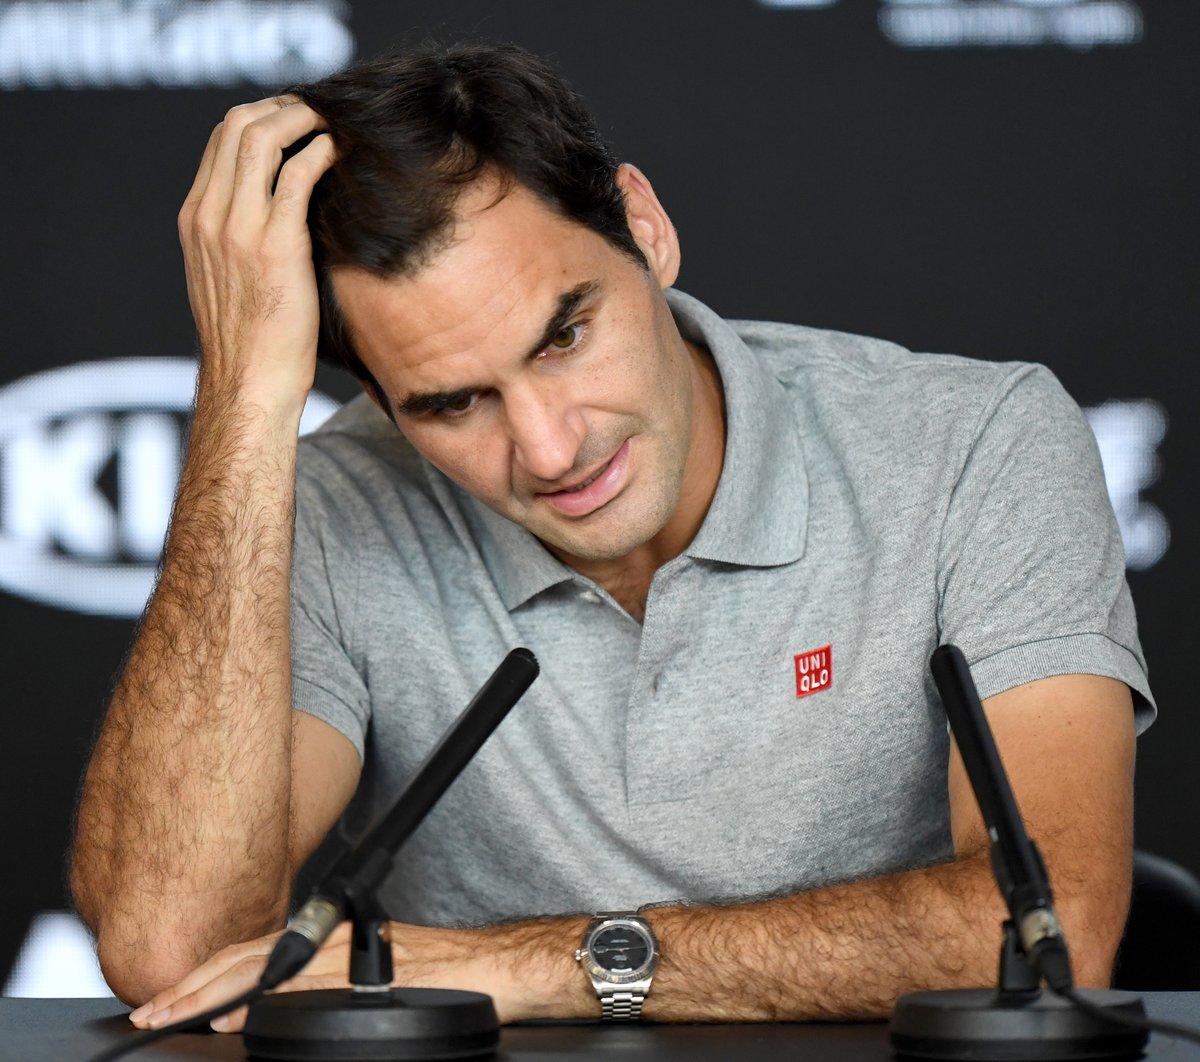 #AlAire Manuel Maté, gerente de @IMLAdeColombia, compañía que organiza el partido de exhibición de Federer en Bogotá http://bit.ly/2DQCAcW